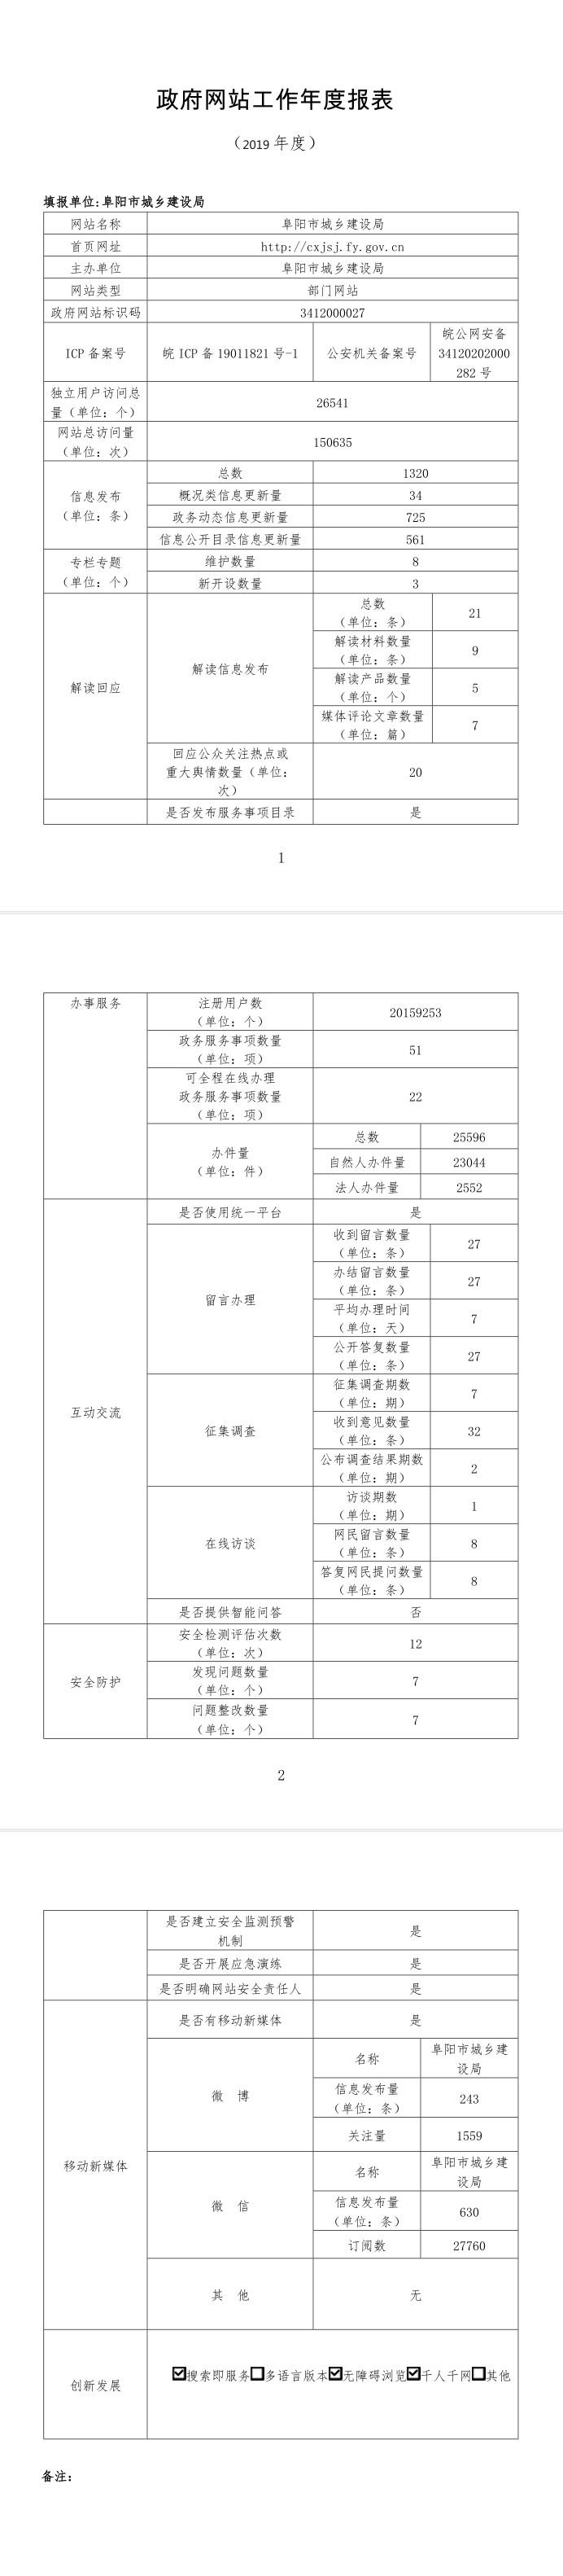 阜阳市城乡建设局2019年度网站工作报表.png